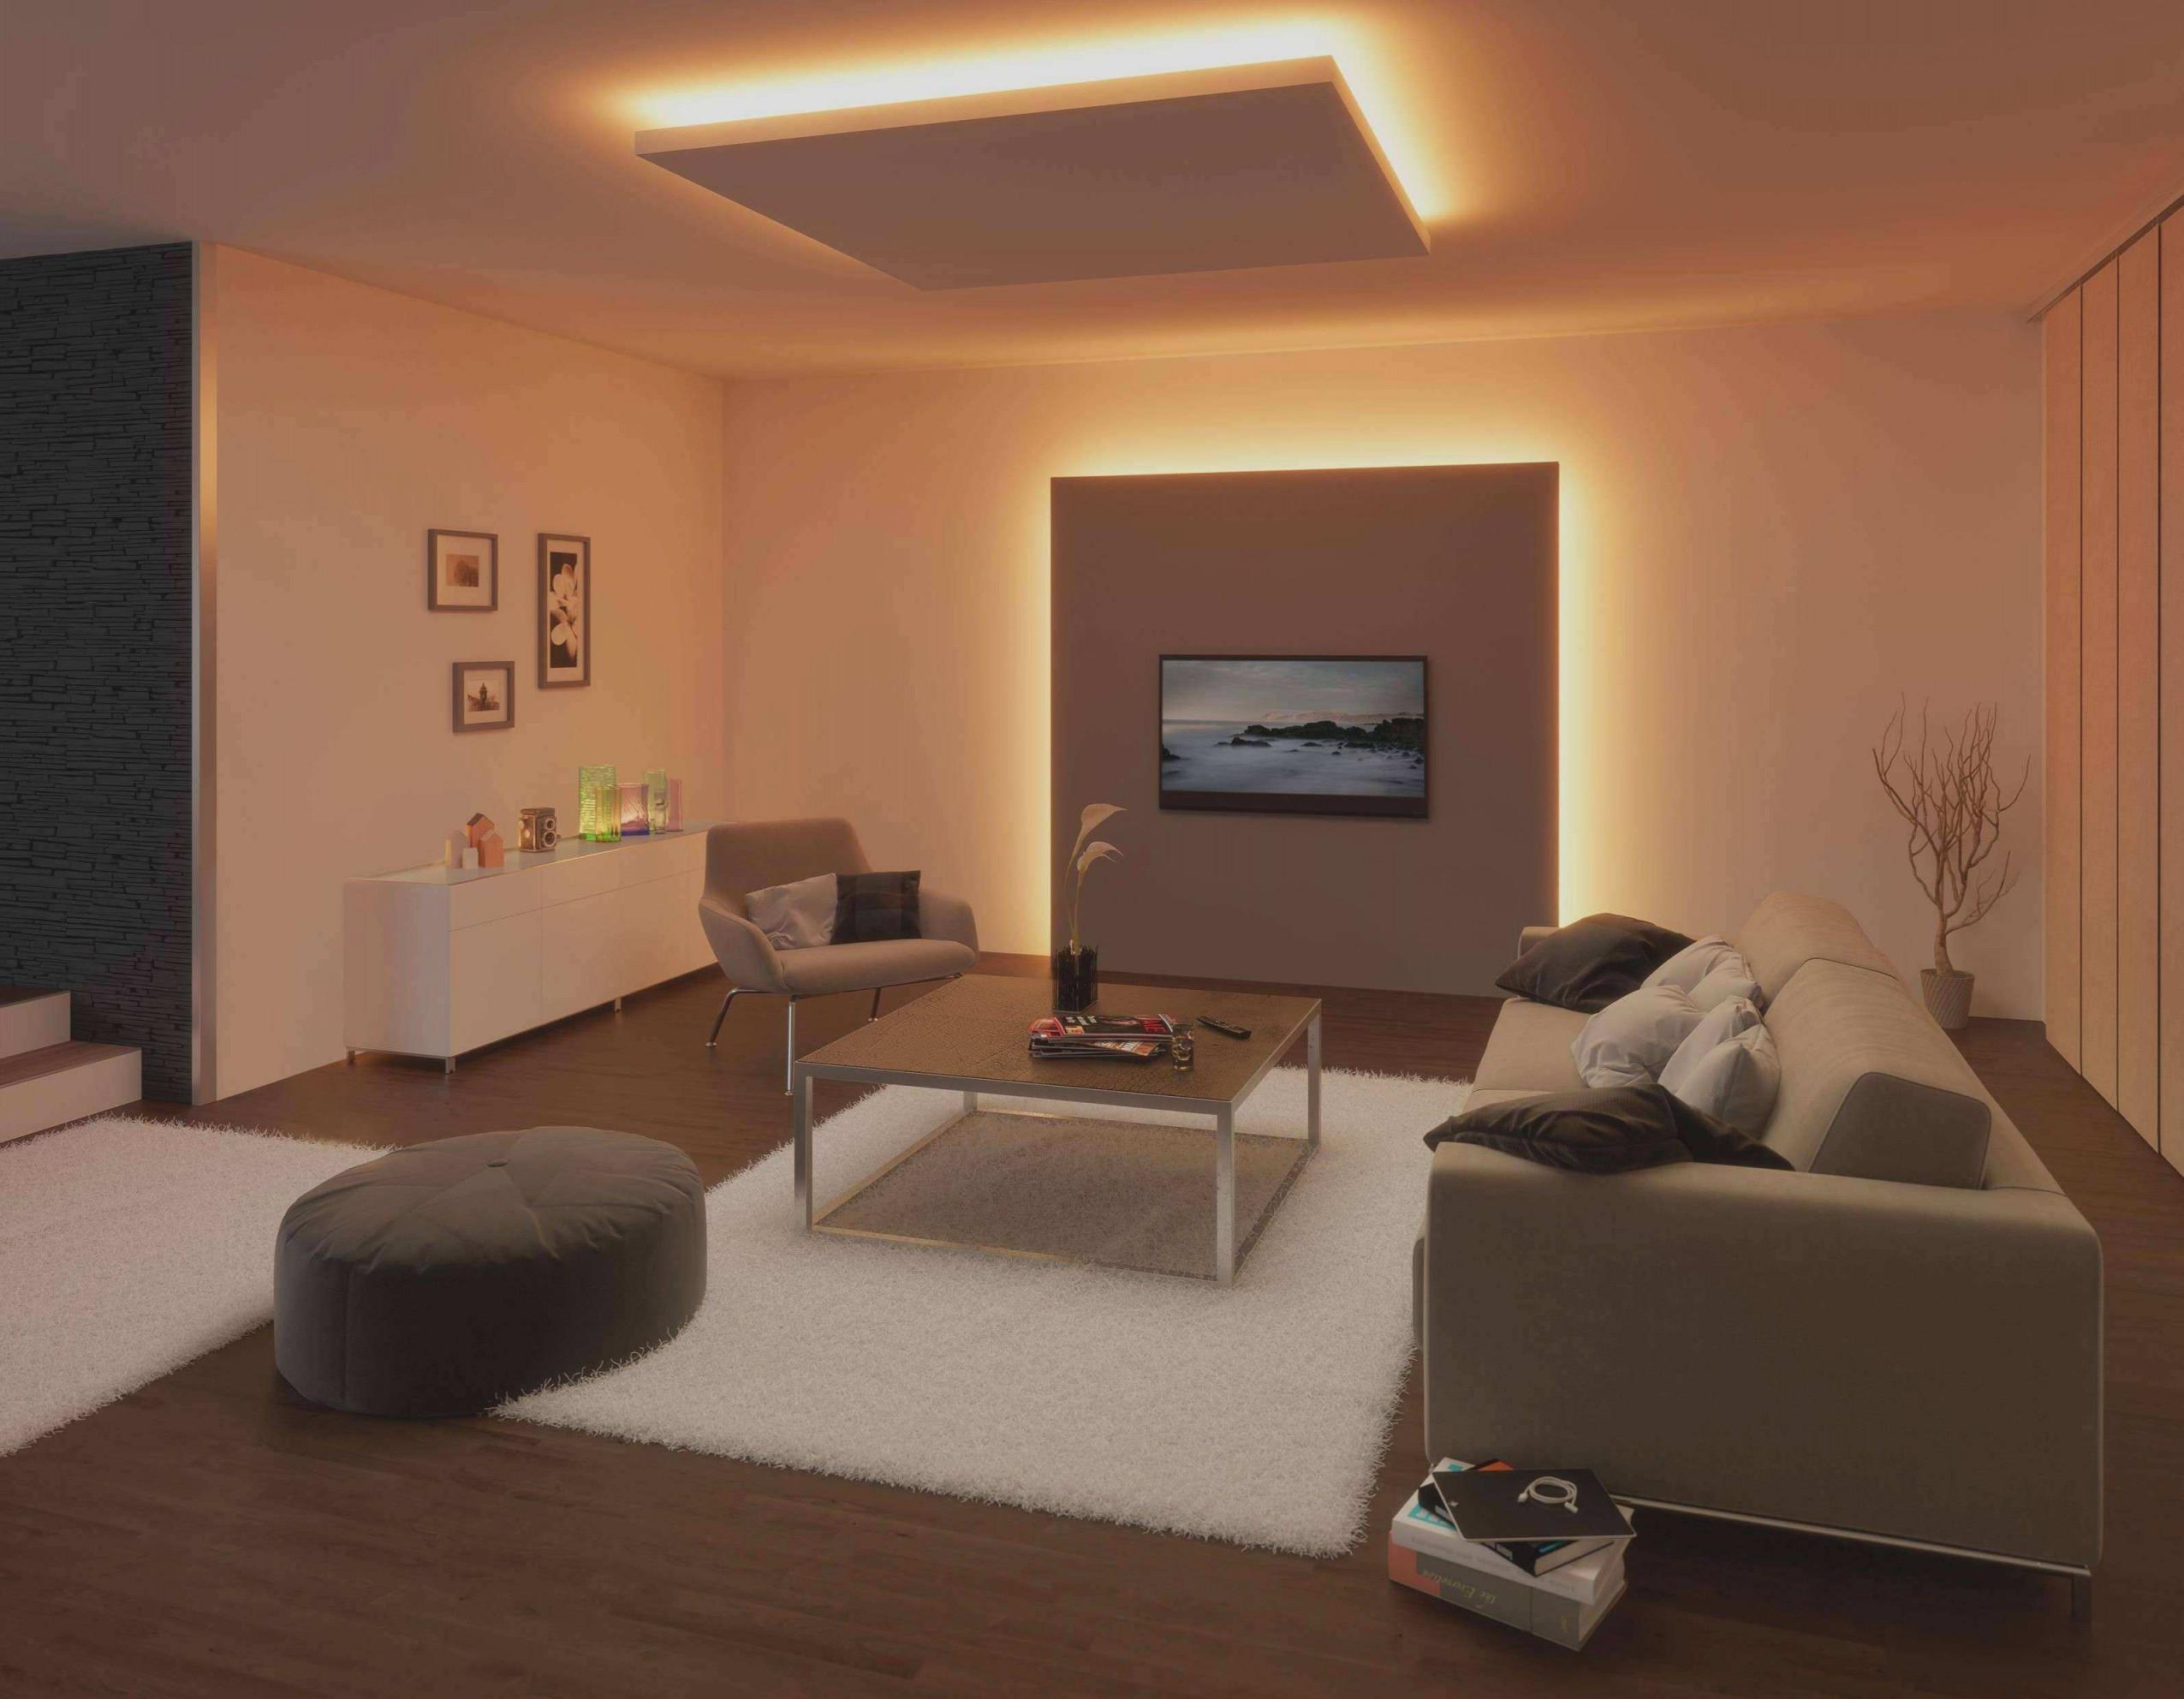 Farbe Zum Streichen Einzigartig Beste Wohnzimmer Ideen von Wohnzimmer Ideen Farbgestaltung Photo